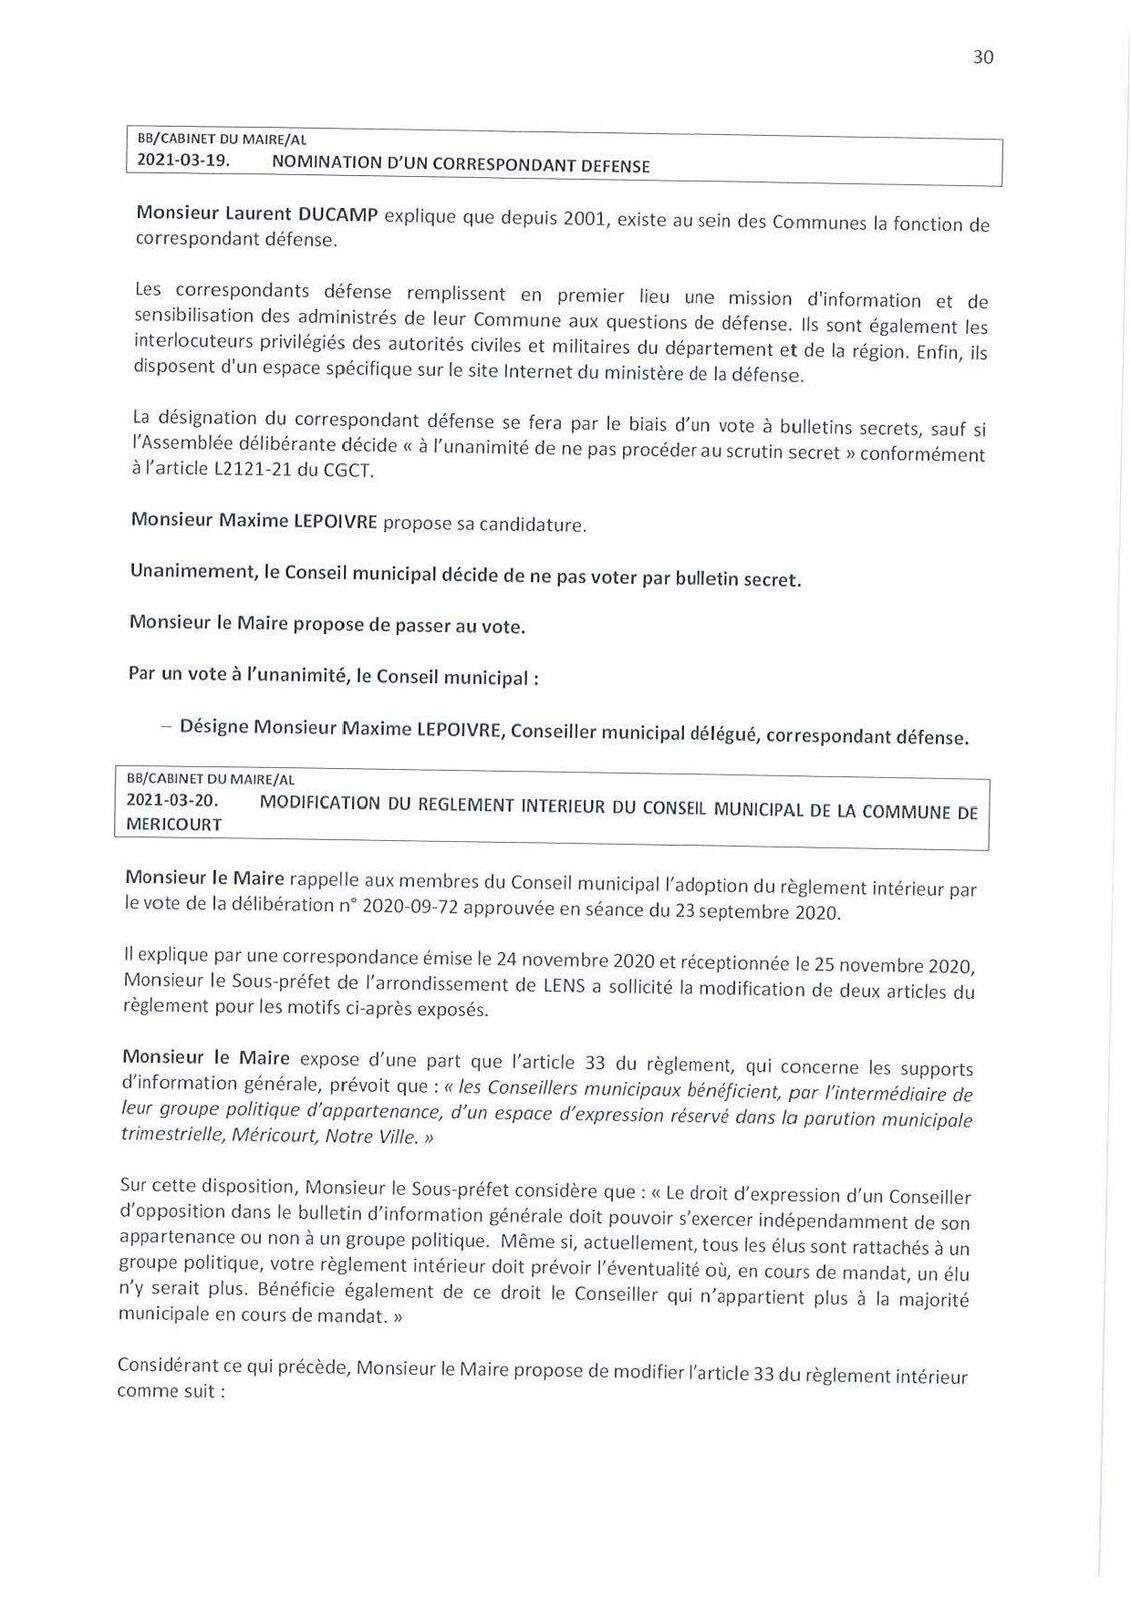 Conseil municipal de Méricourt du 10 mars 2021 : le compte-rendu officiel est en ligne